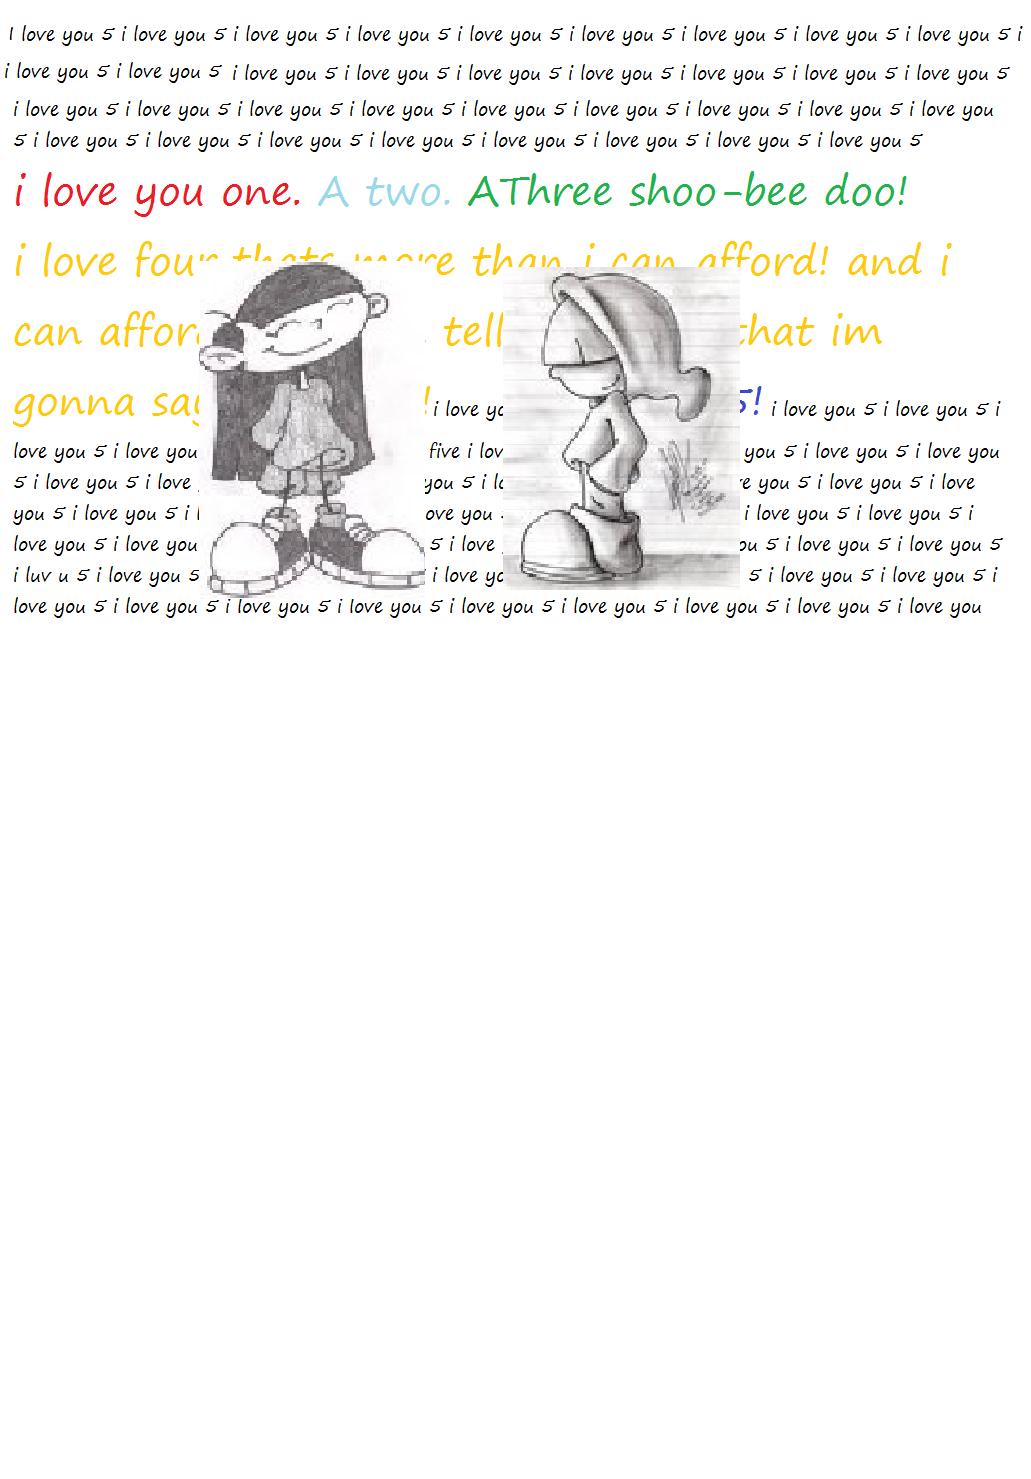 KukixWally  i love you 5